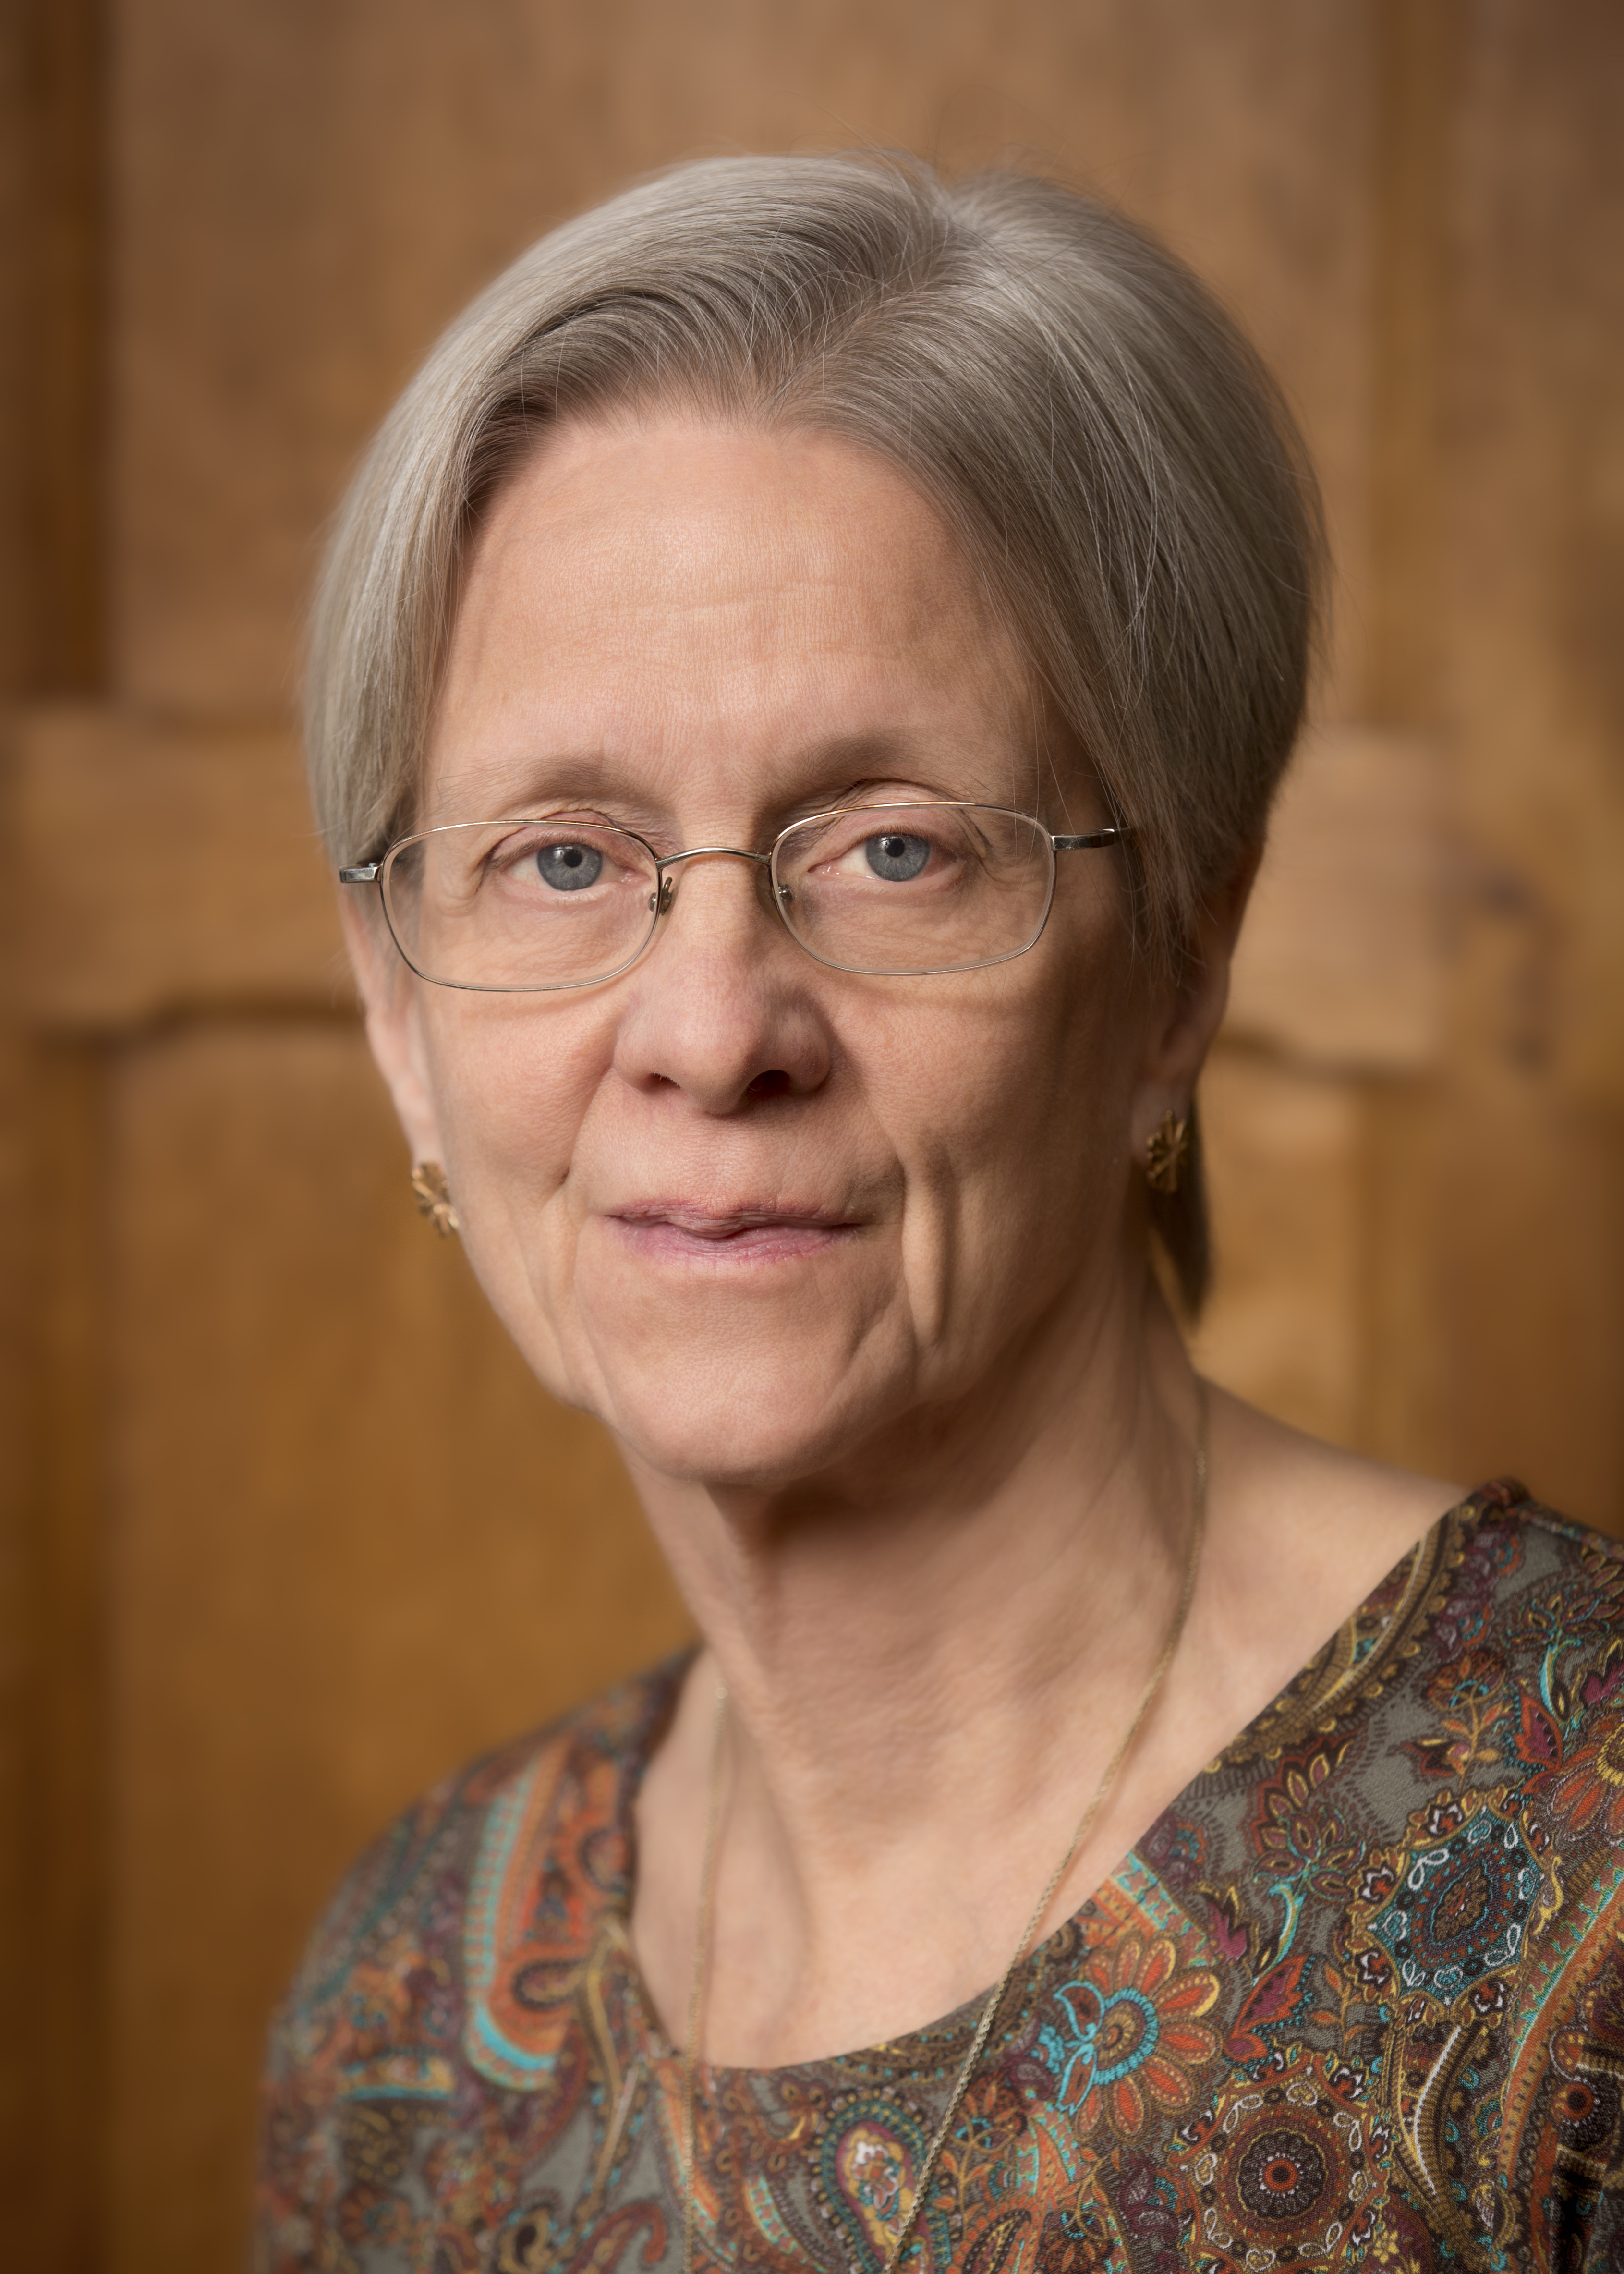 Portrait en couleur de la professeure Susan Rose-Ackerman